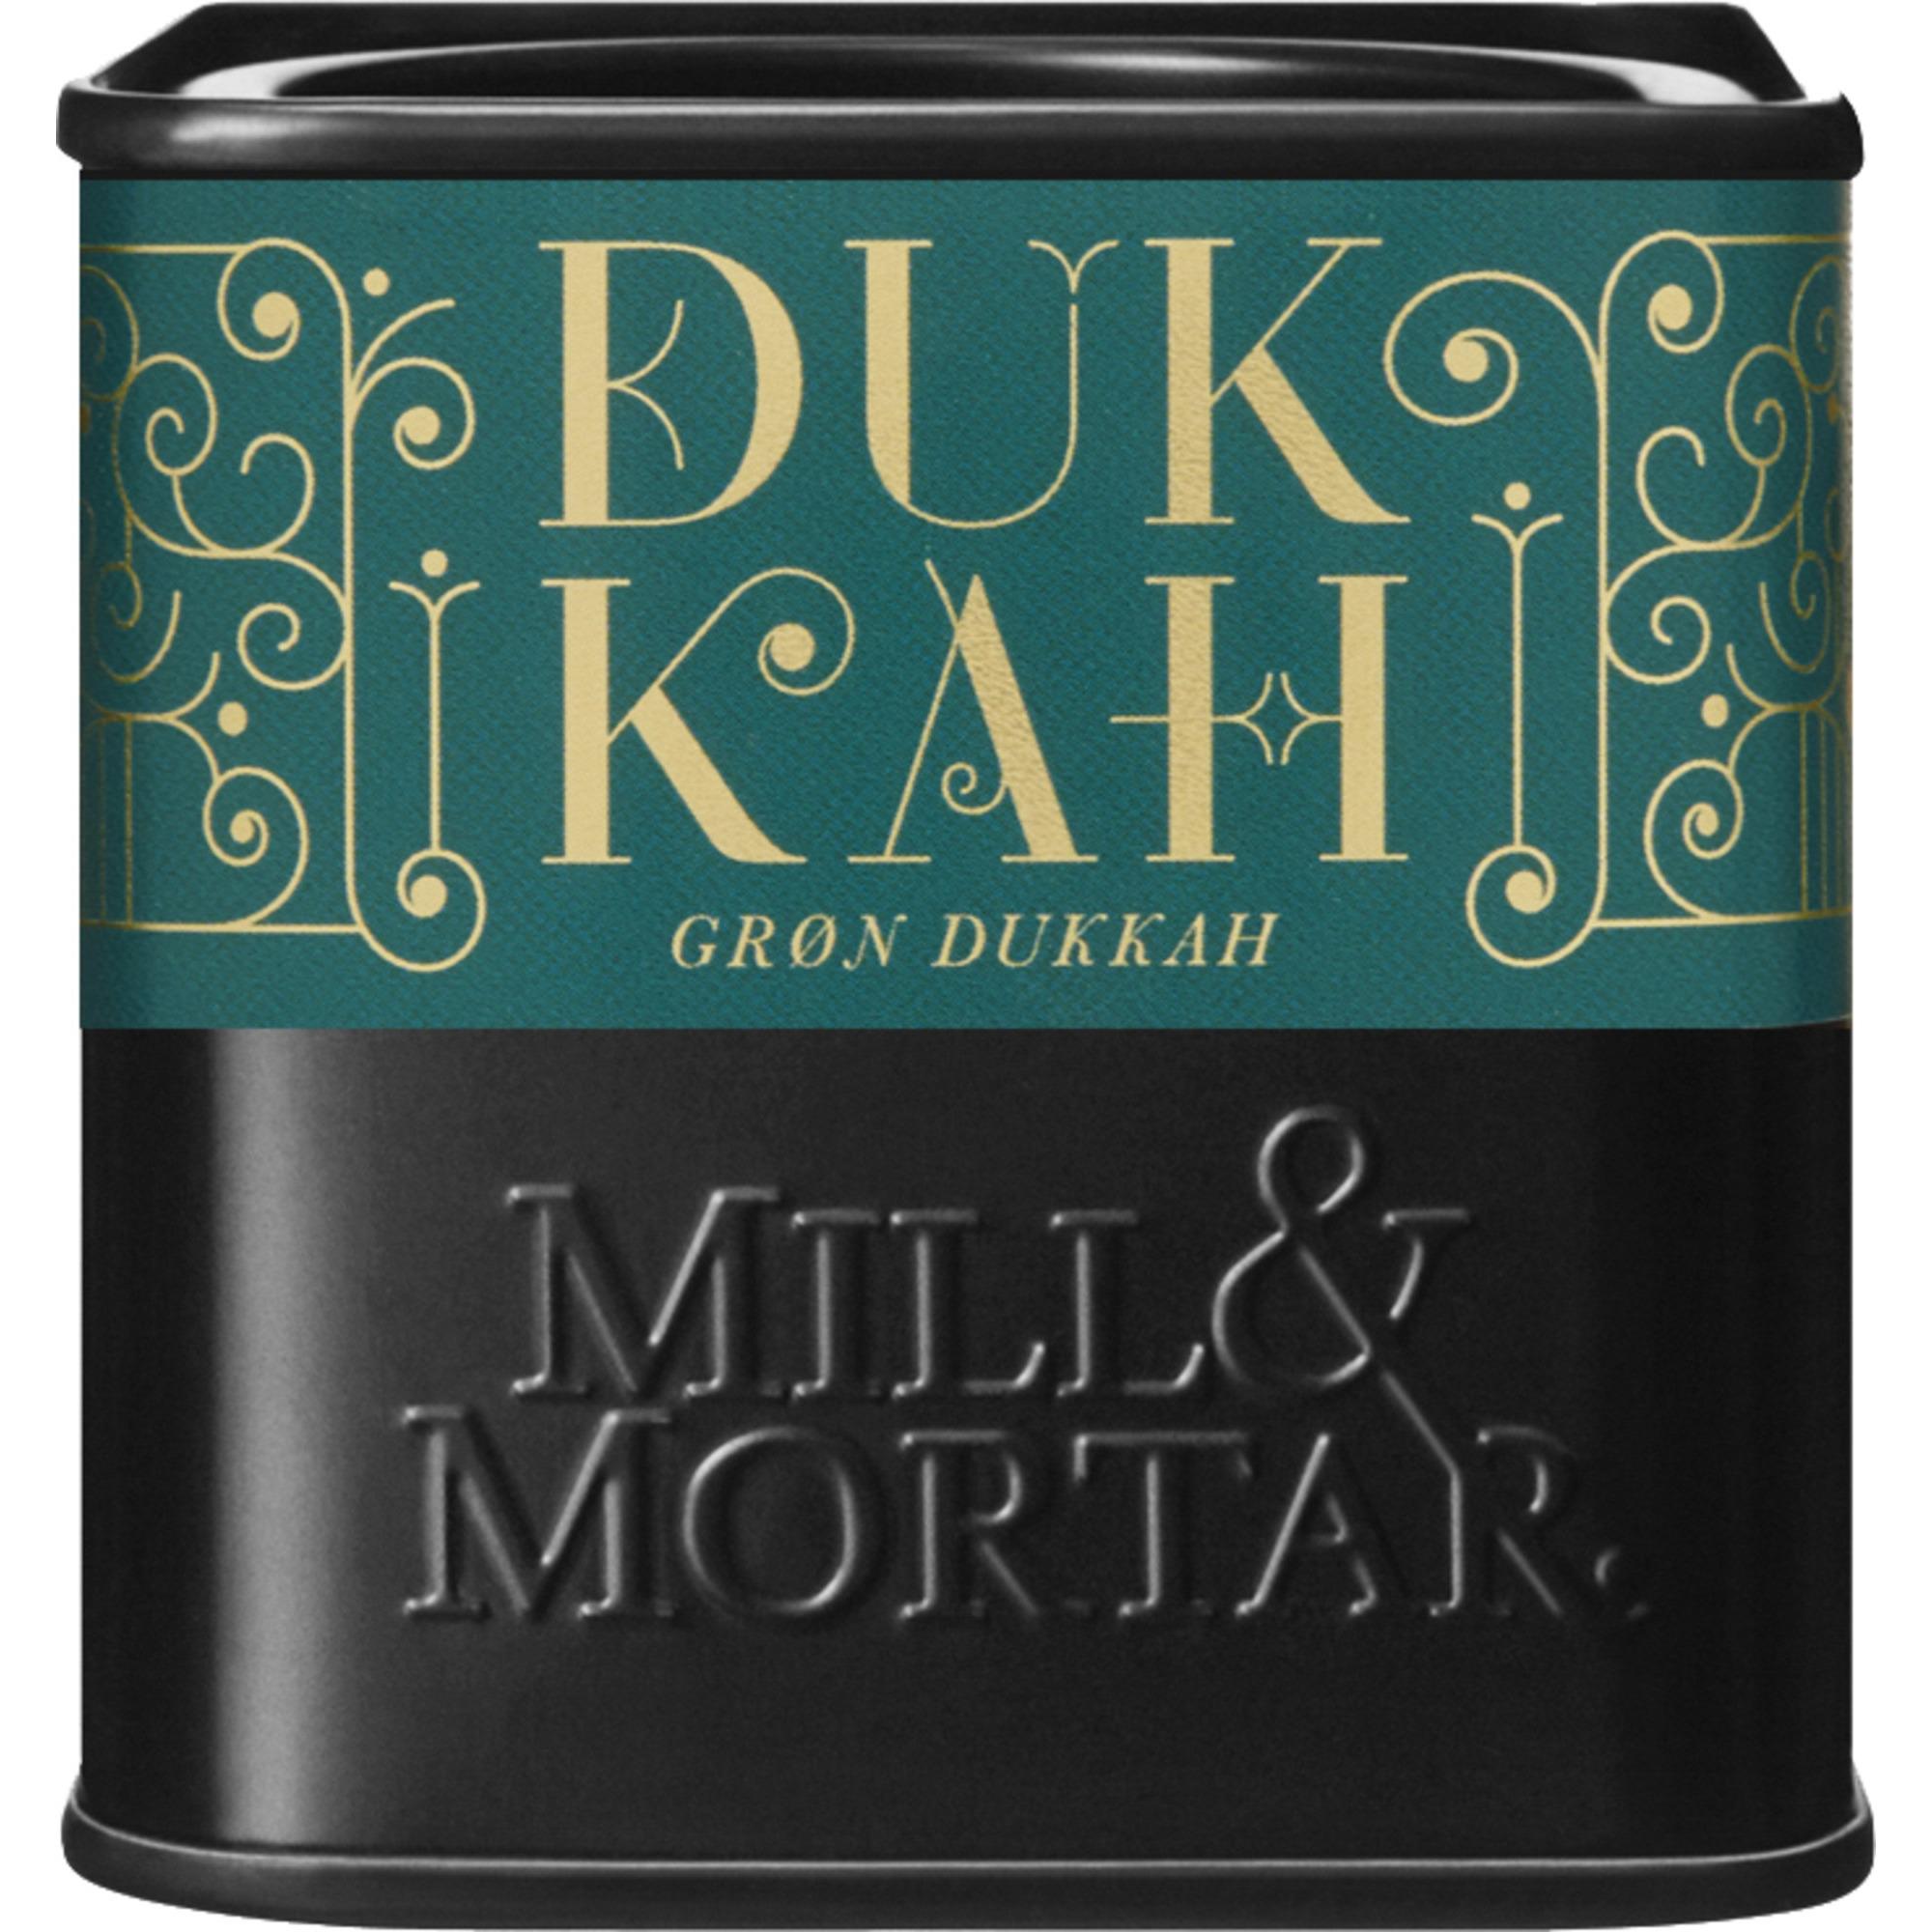 Mill & Mortar Grön Dukkah